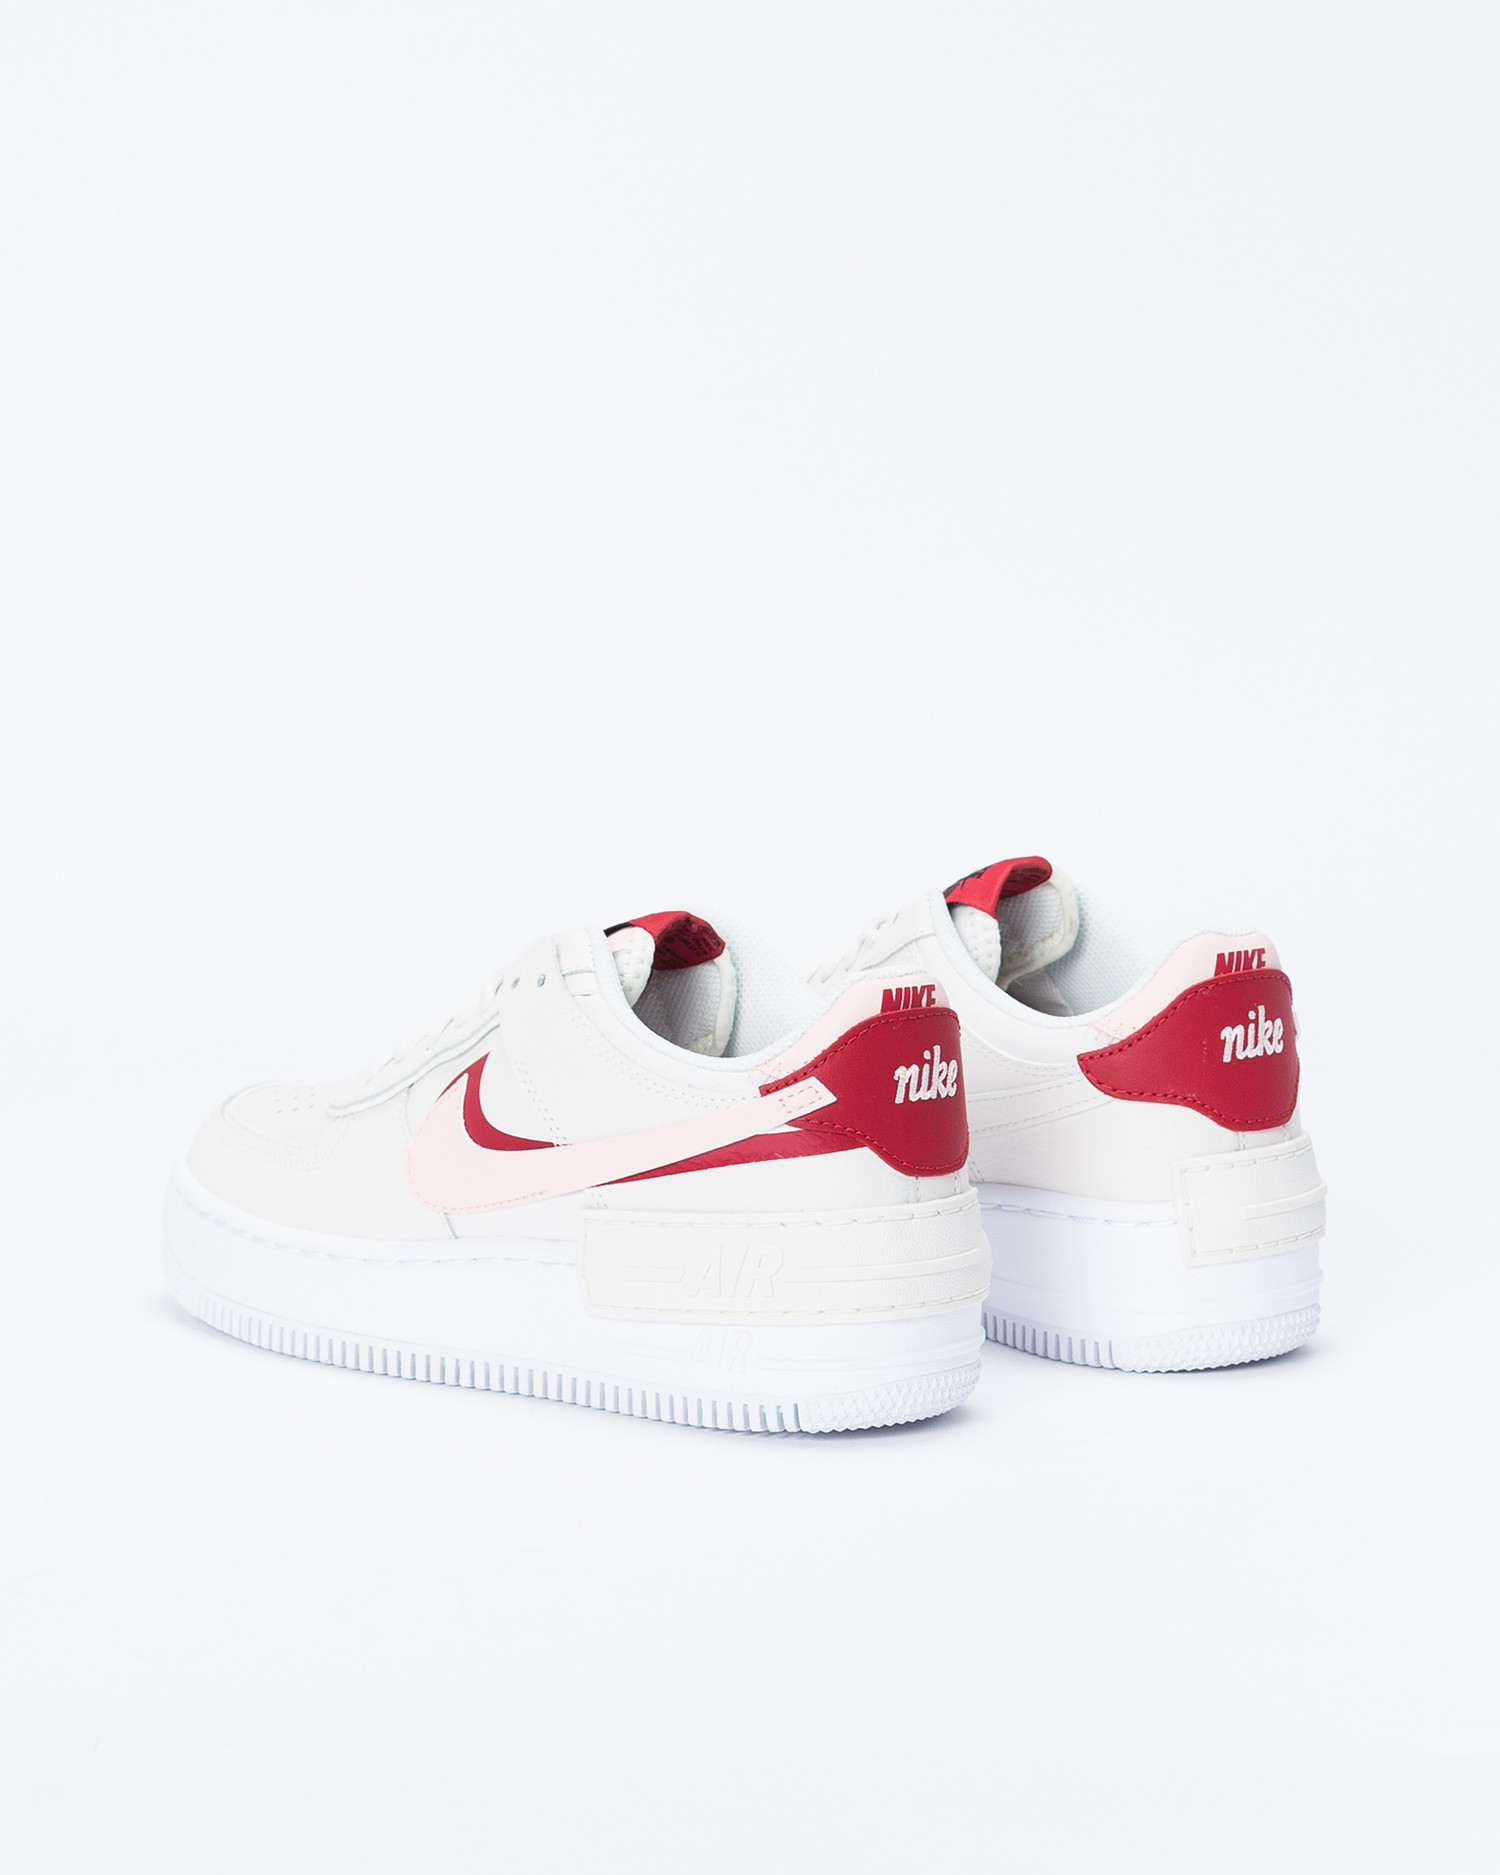 Nike W Af1 Shadow Phantom/Echo pink-gym red